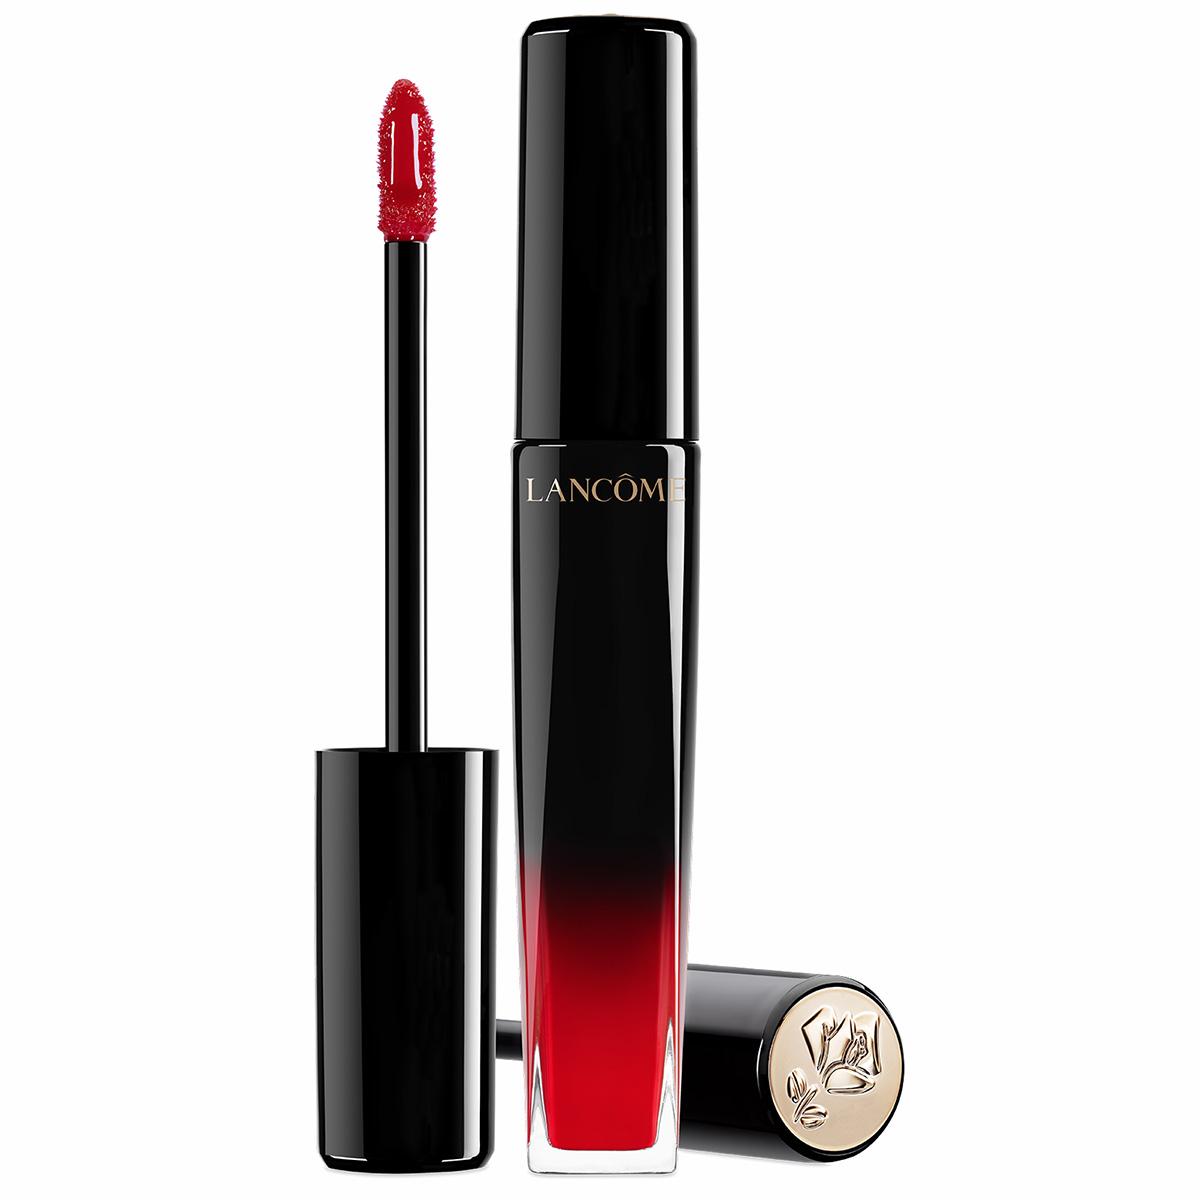 Lancôme - L'Absolu Lacquer - Rouge à Lèvres